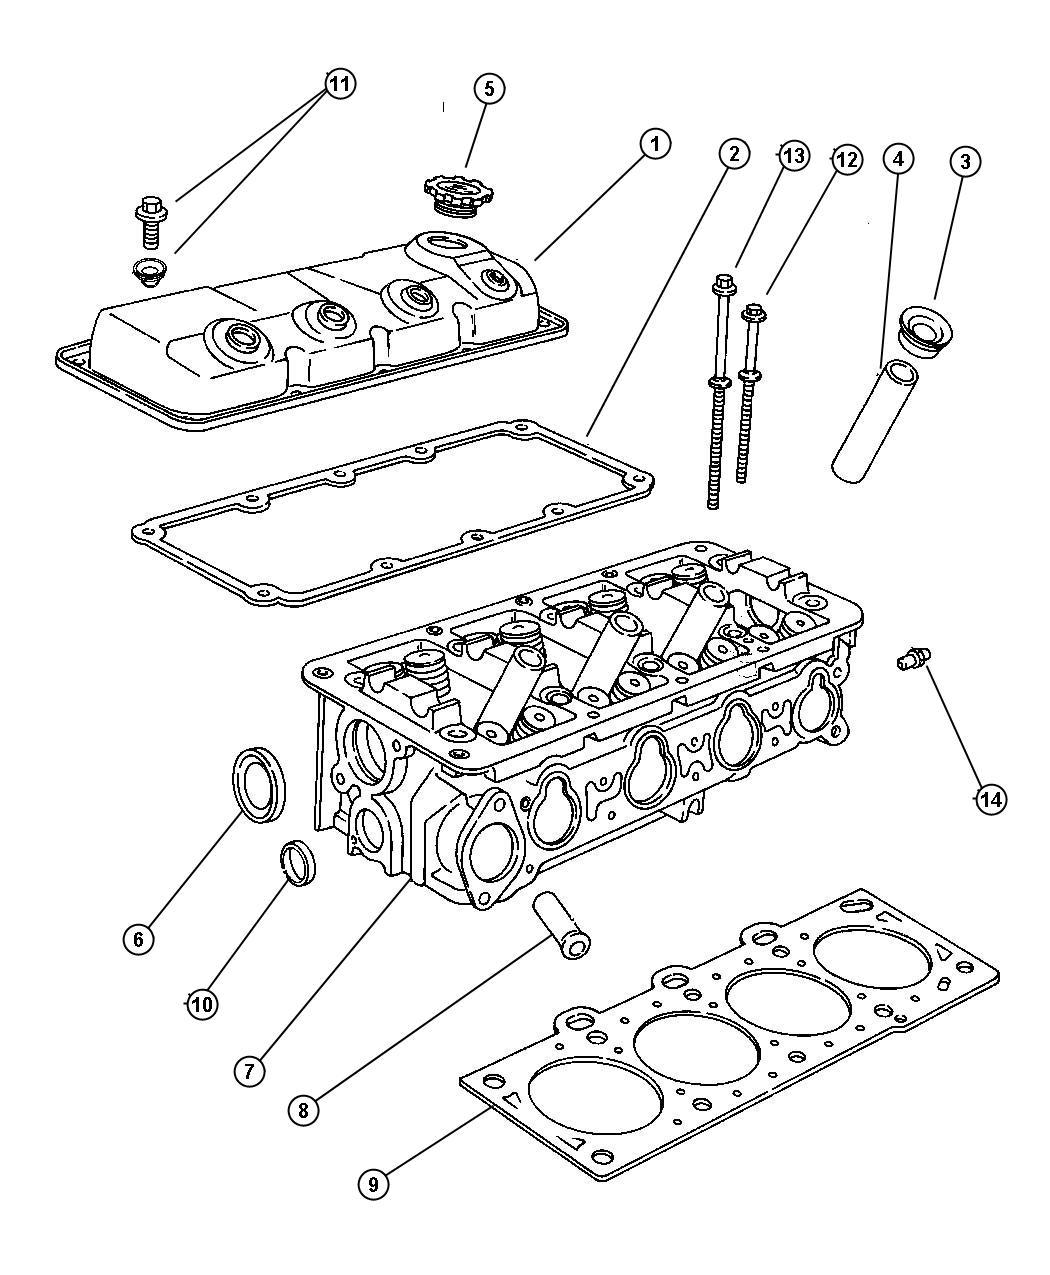 Dodge Journey Seal. Spark plug tube. Left, left cylinder